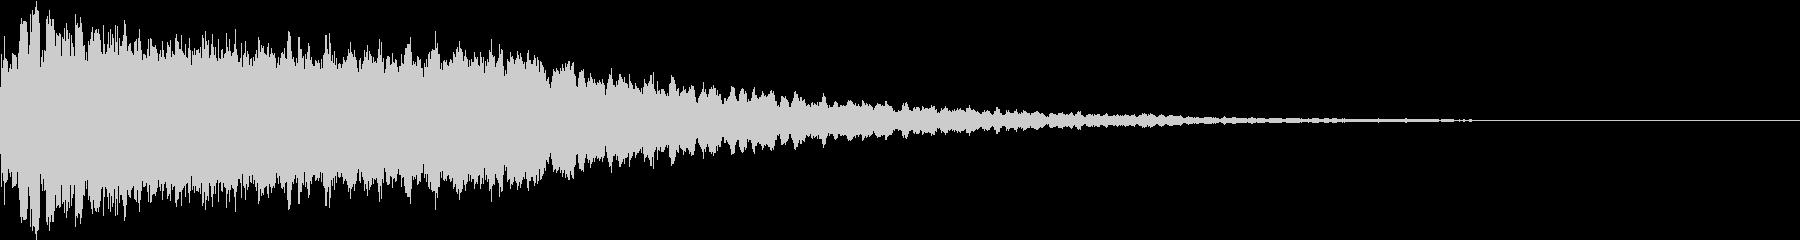 キュイン シャキン キラリン ピカン 2の未再生の波形